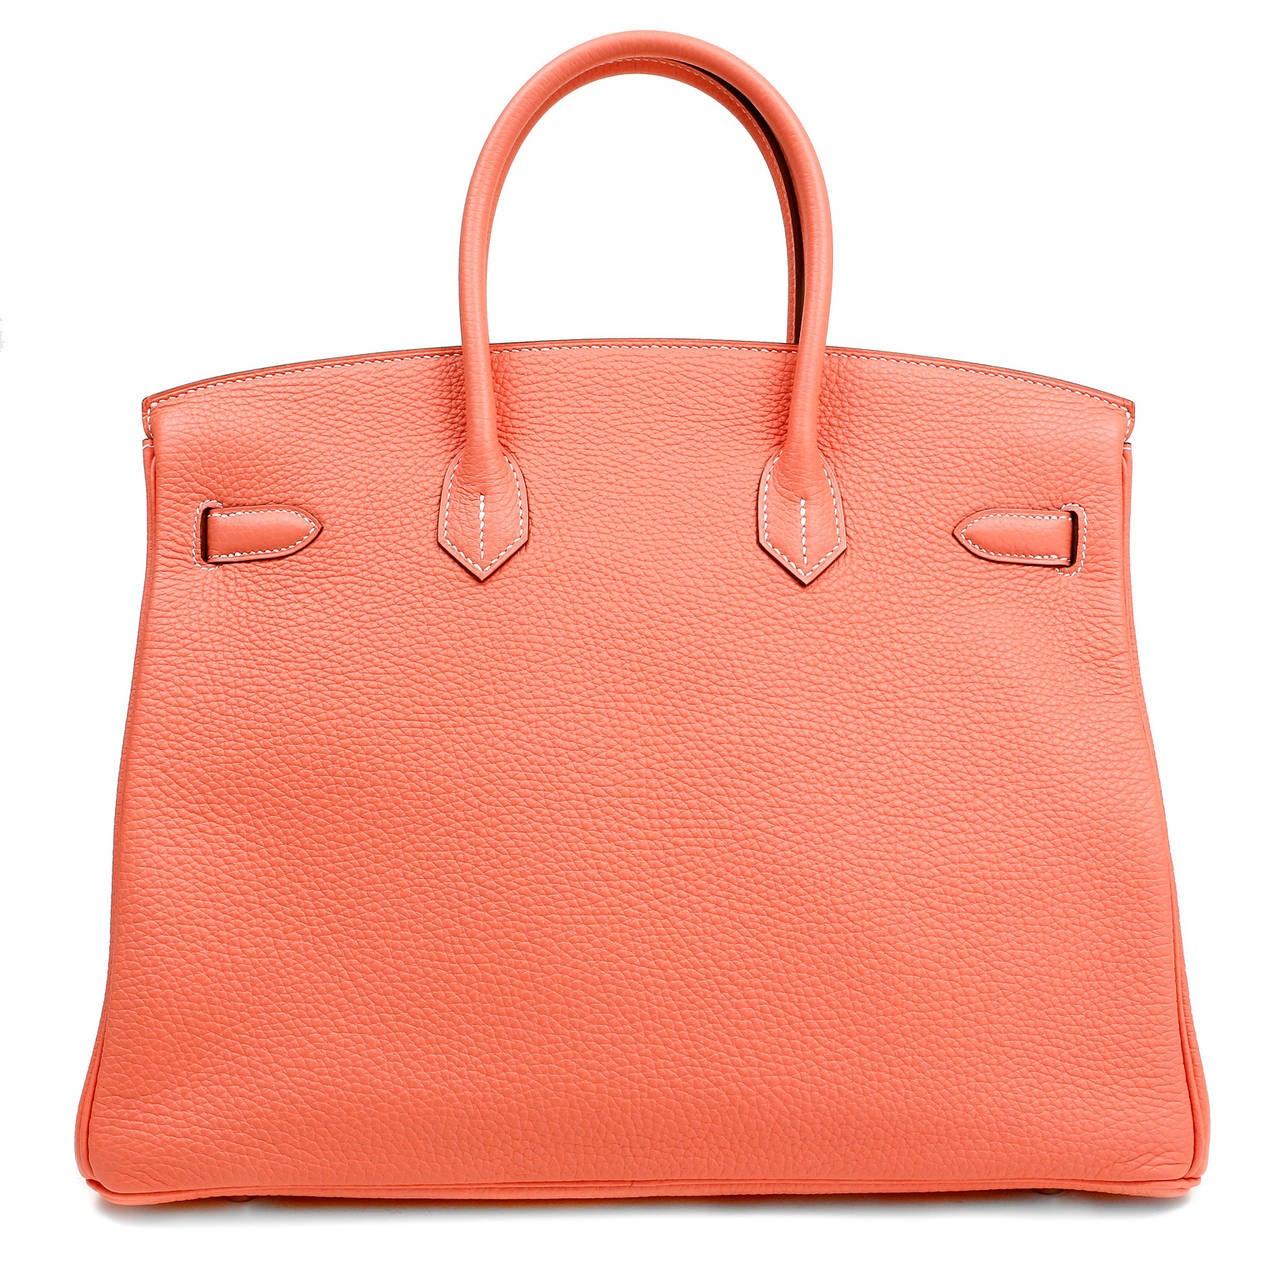 Hermes Crevette Togo 35 cm Birkin Bag- Salmon Pink Color 2